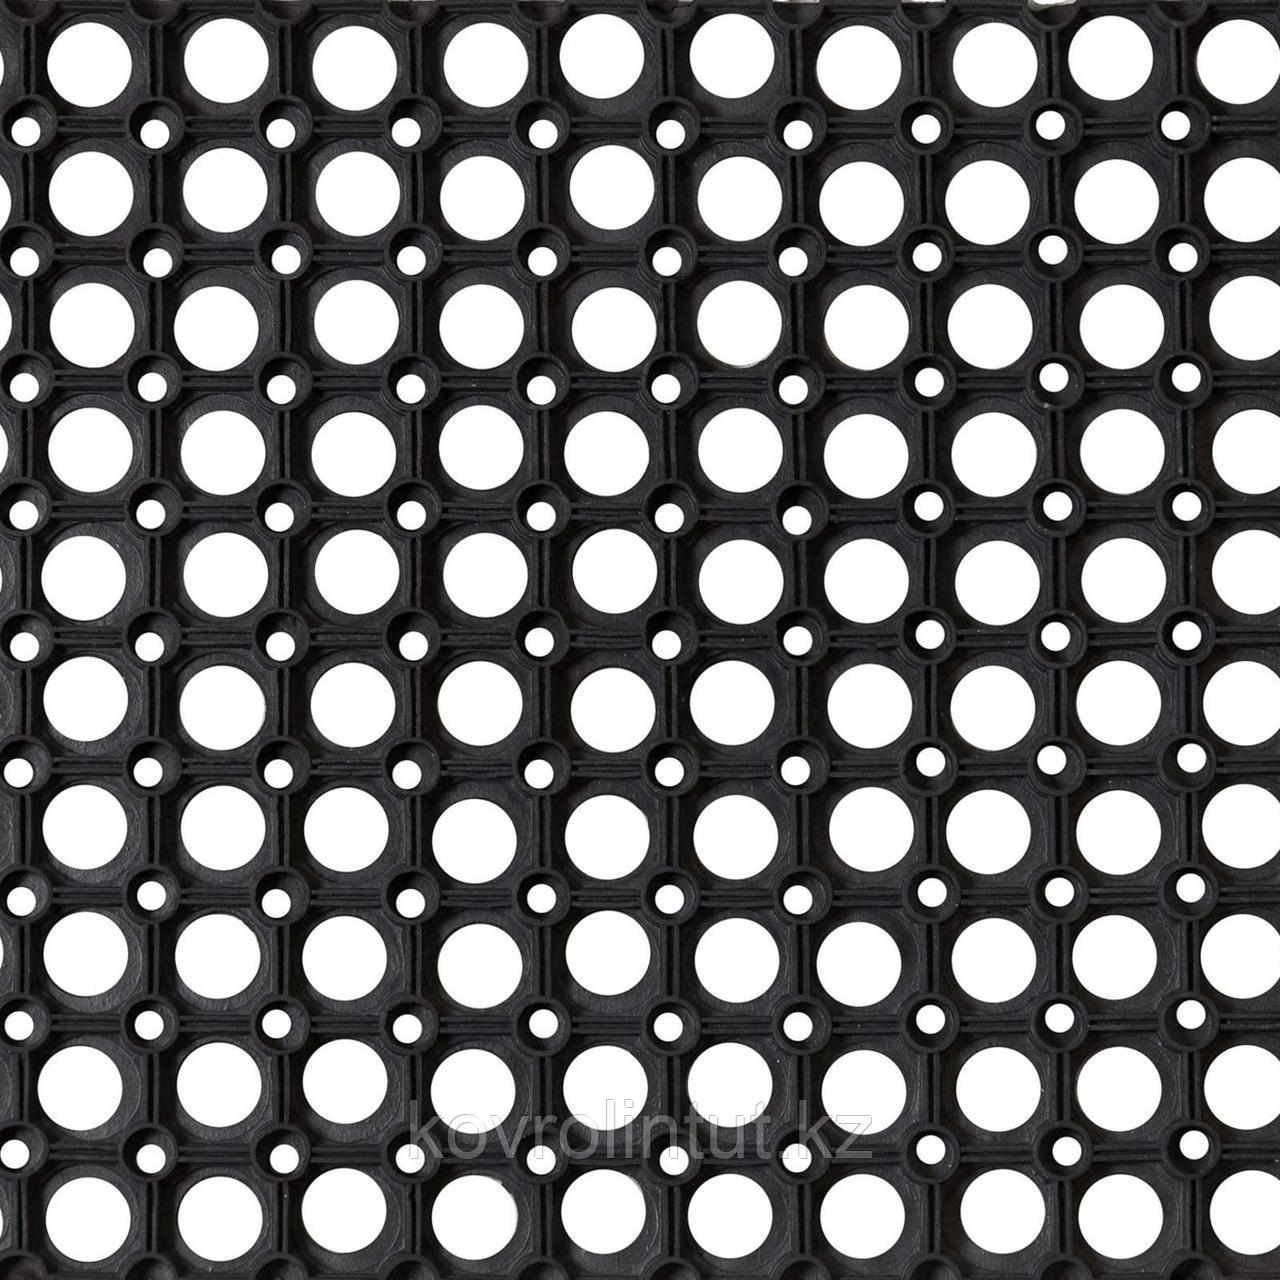 Коврик резиновый Ринго-мат 40х60 см, 16 мм, черный